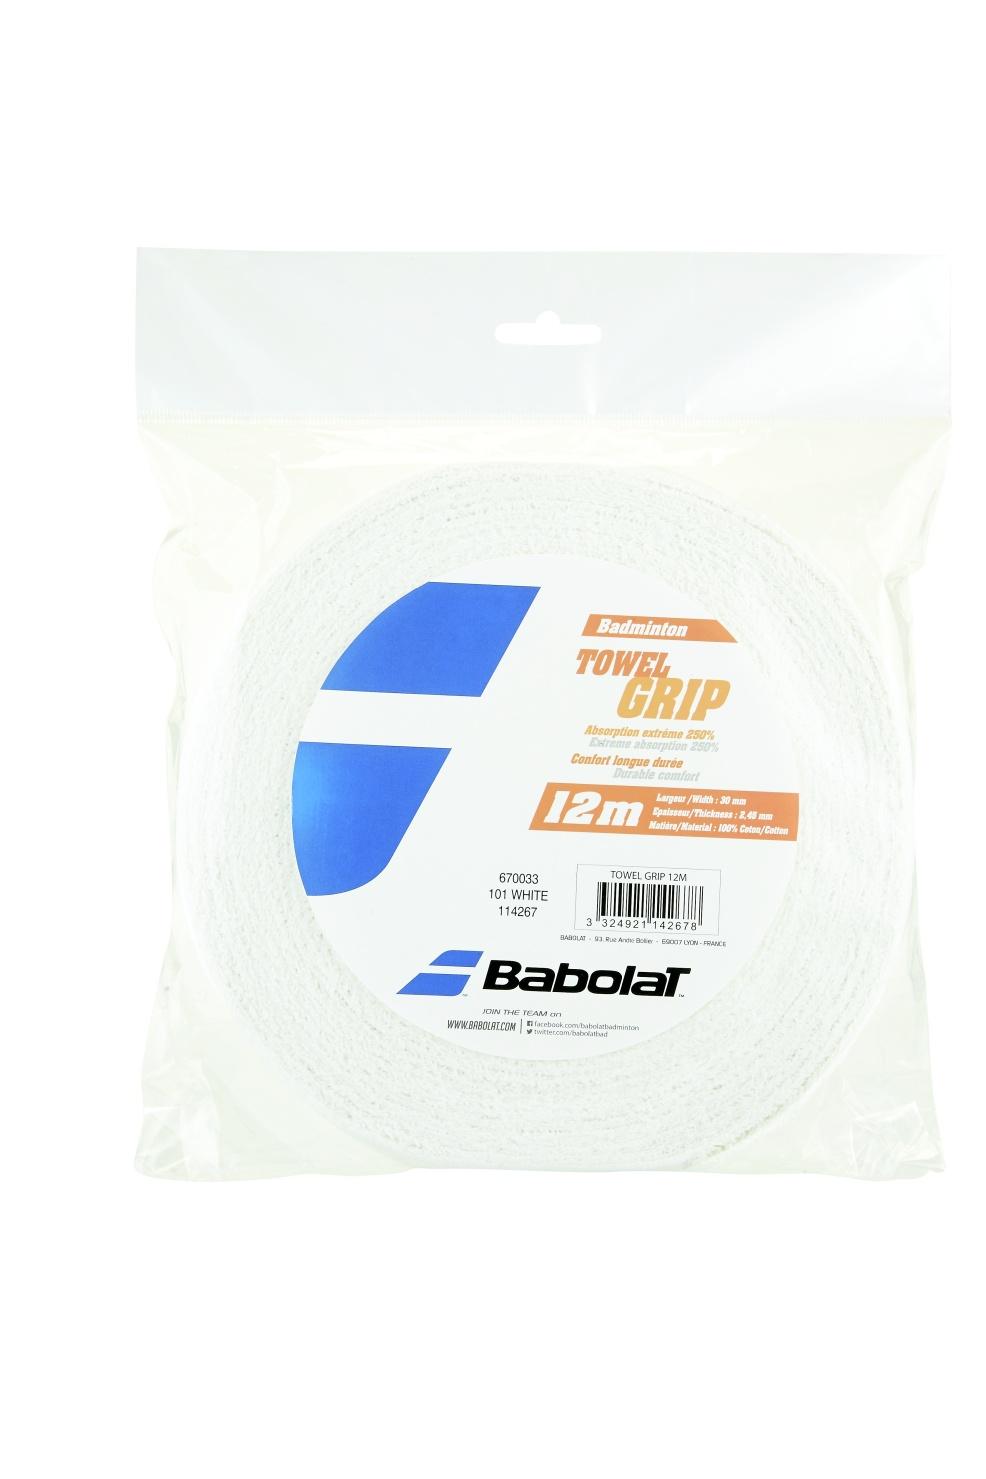 Babolat Towel Grip X12